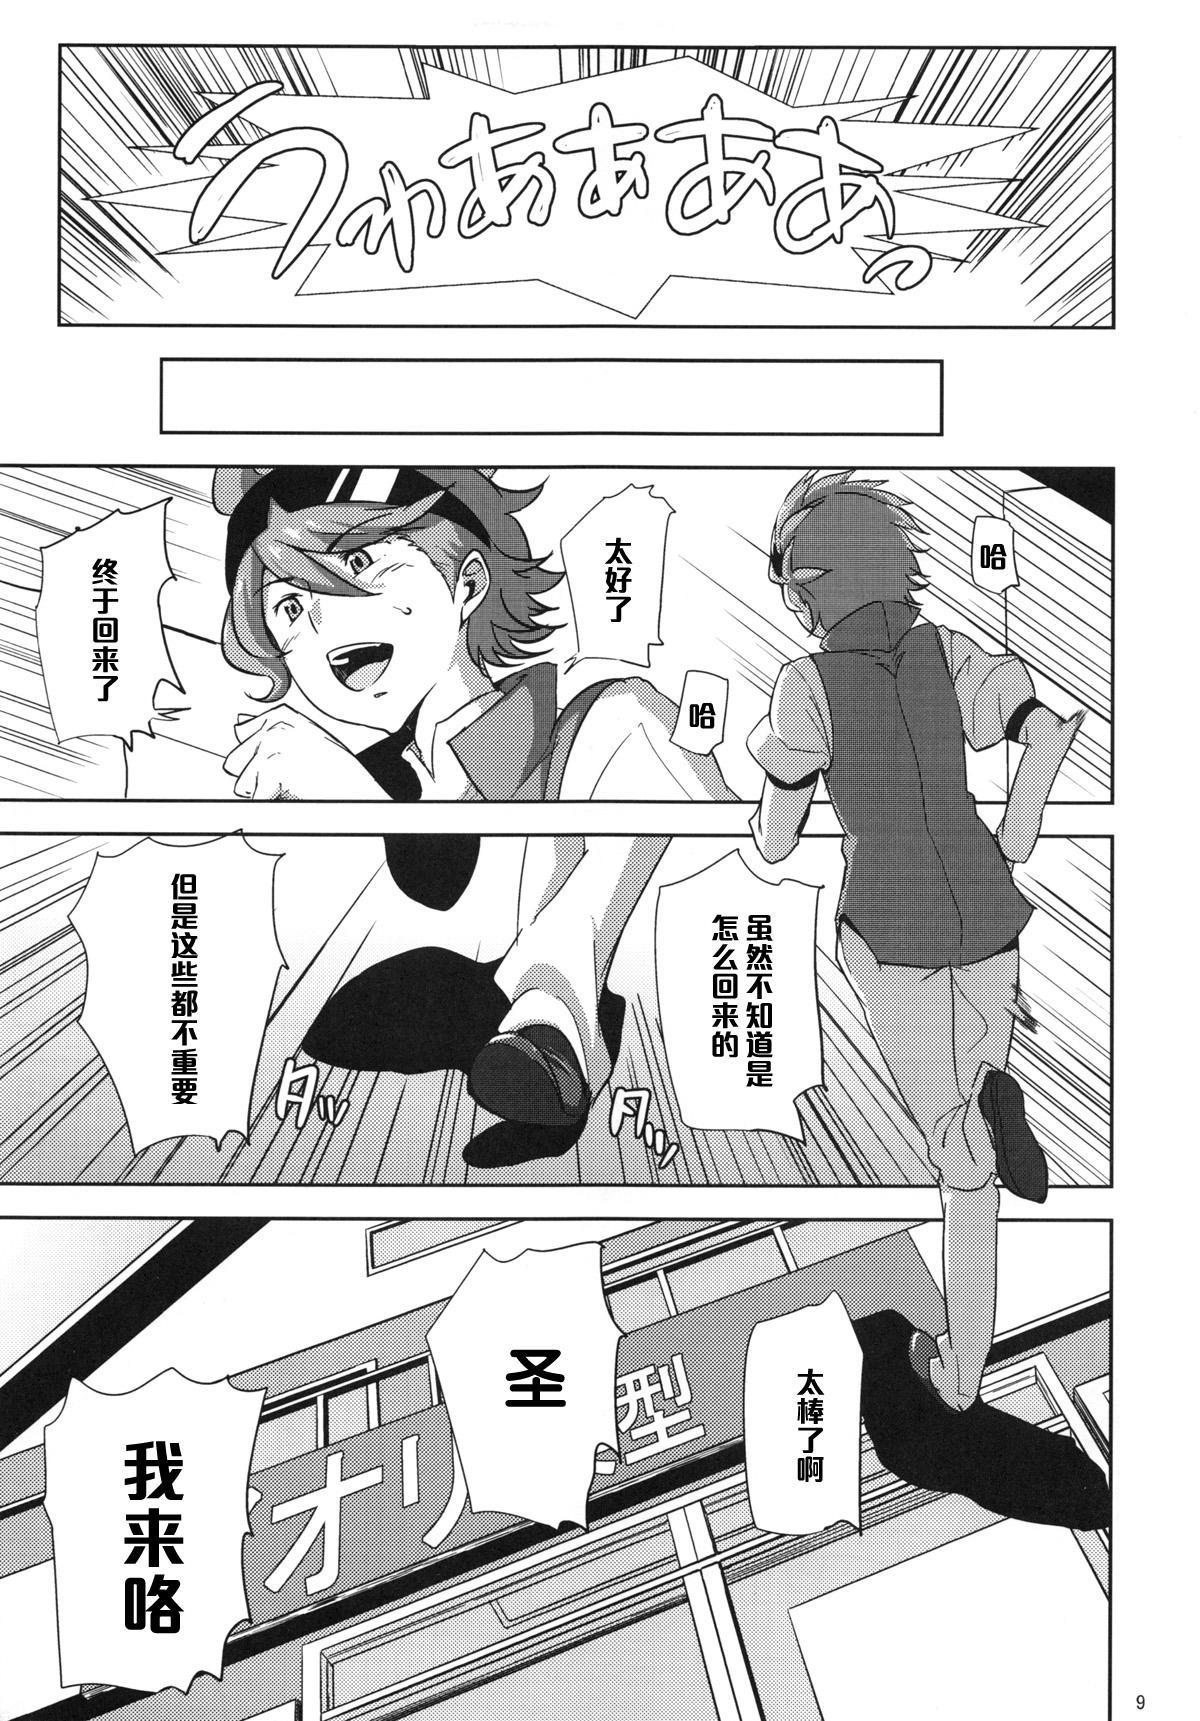 (C87) [Kyoumata (Shishiji)] Rinko-san ga Reiji-kun ni Ijirareru Hon (Gundam Build Fighters) [Chinese] [黑条汉化] 7